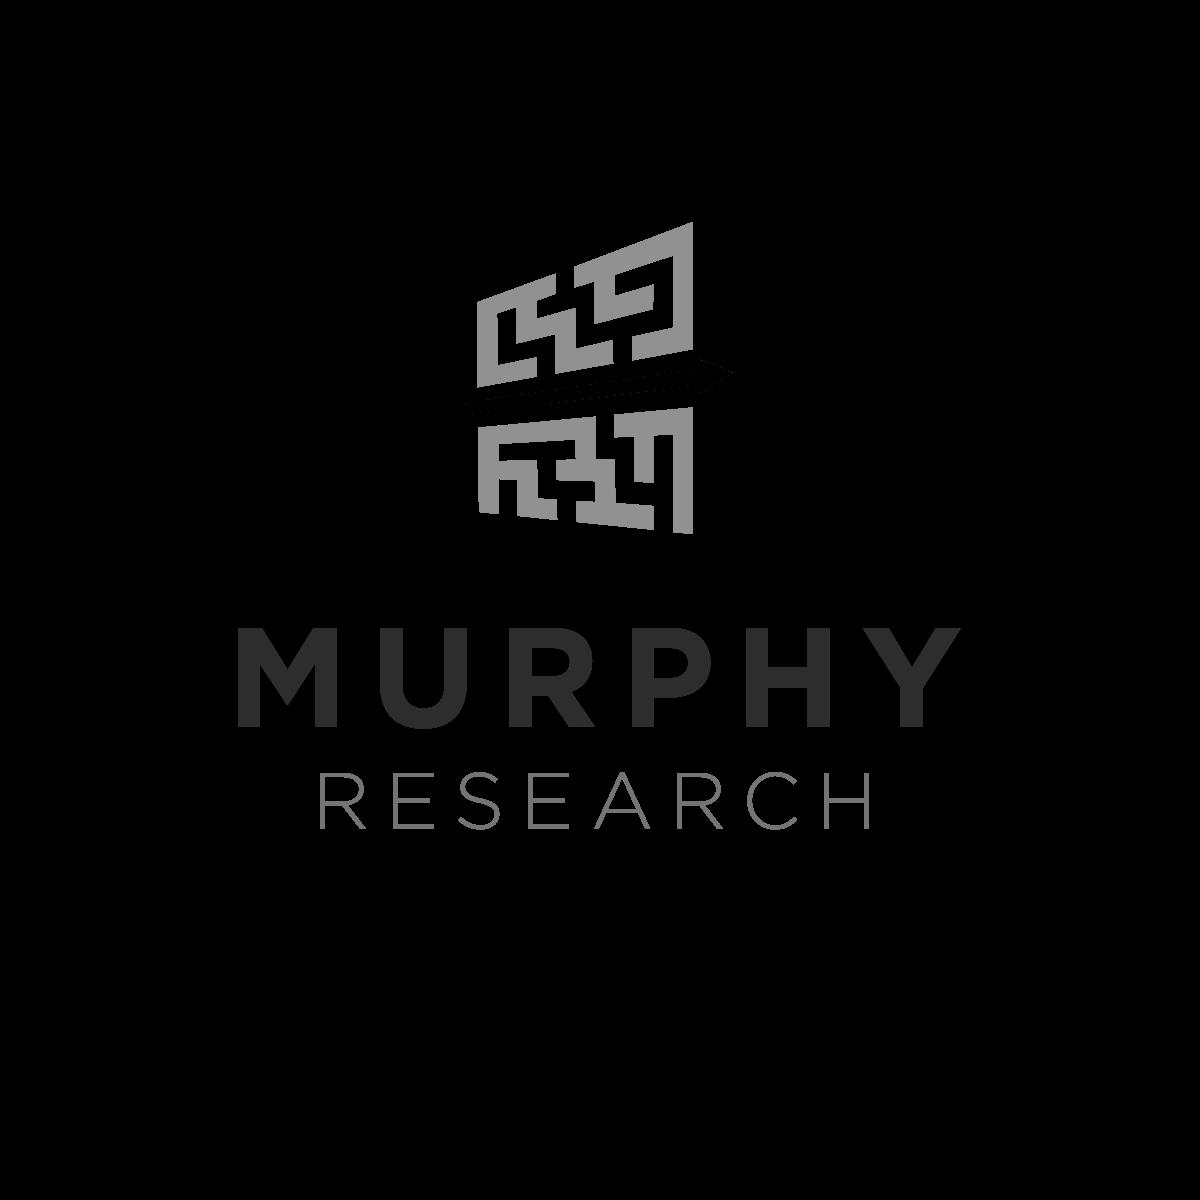 murphy bw